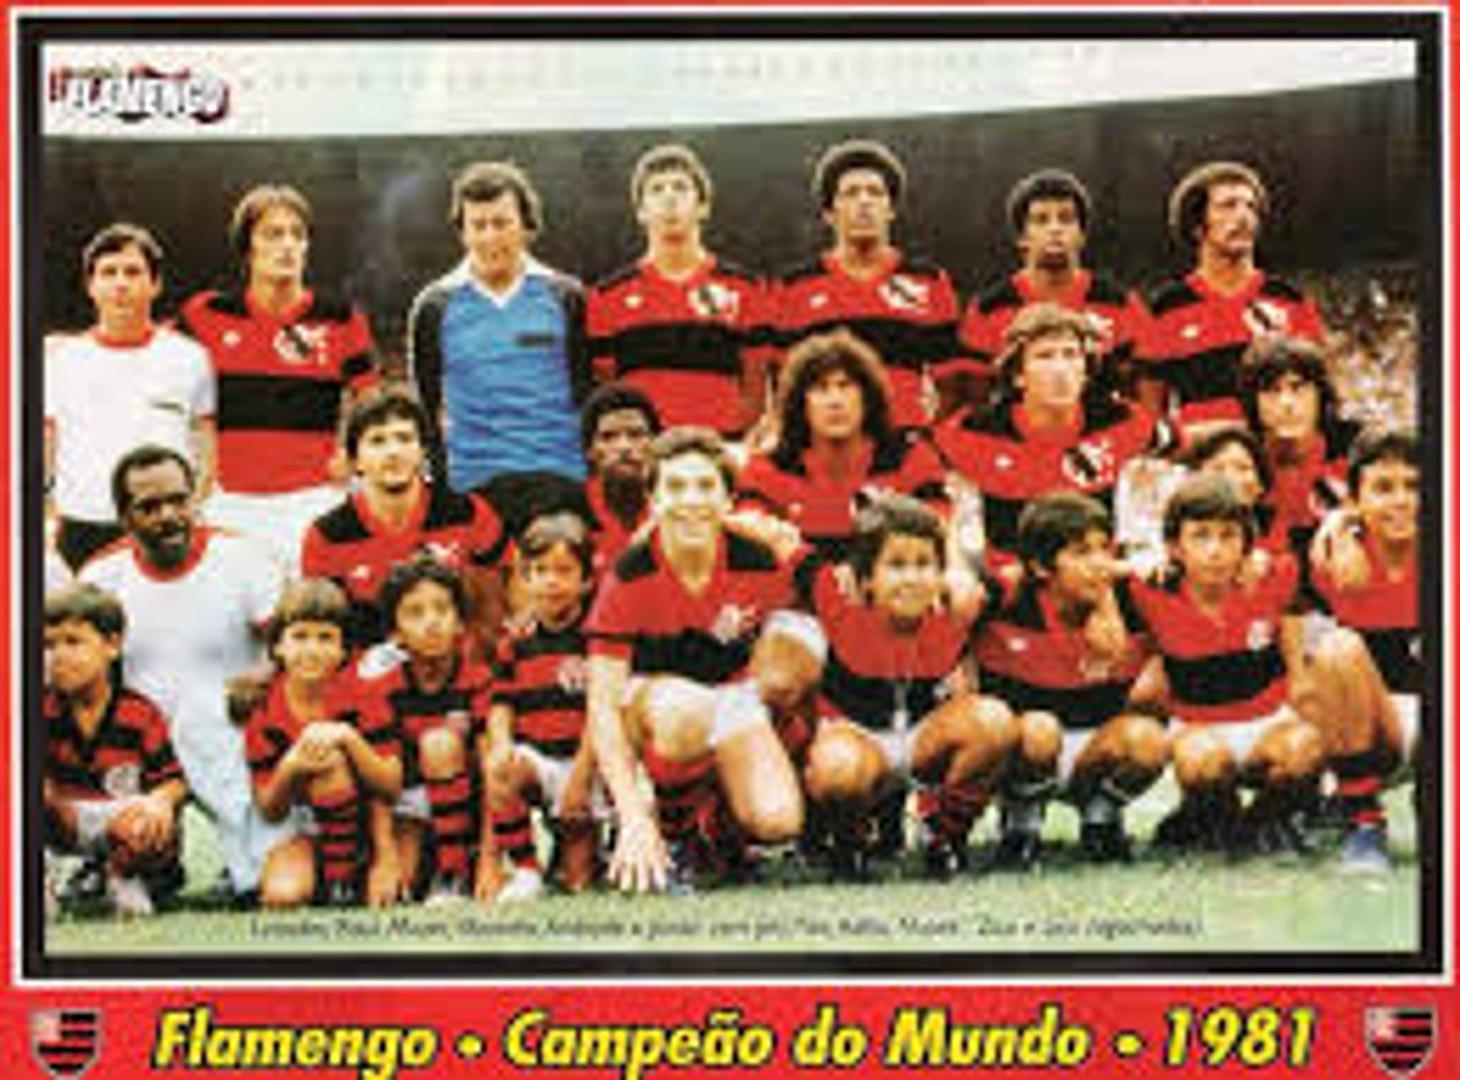 Adilio ignora decisão da FIFA e afirma Flamengo como Campeão Mundial de 1981